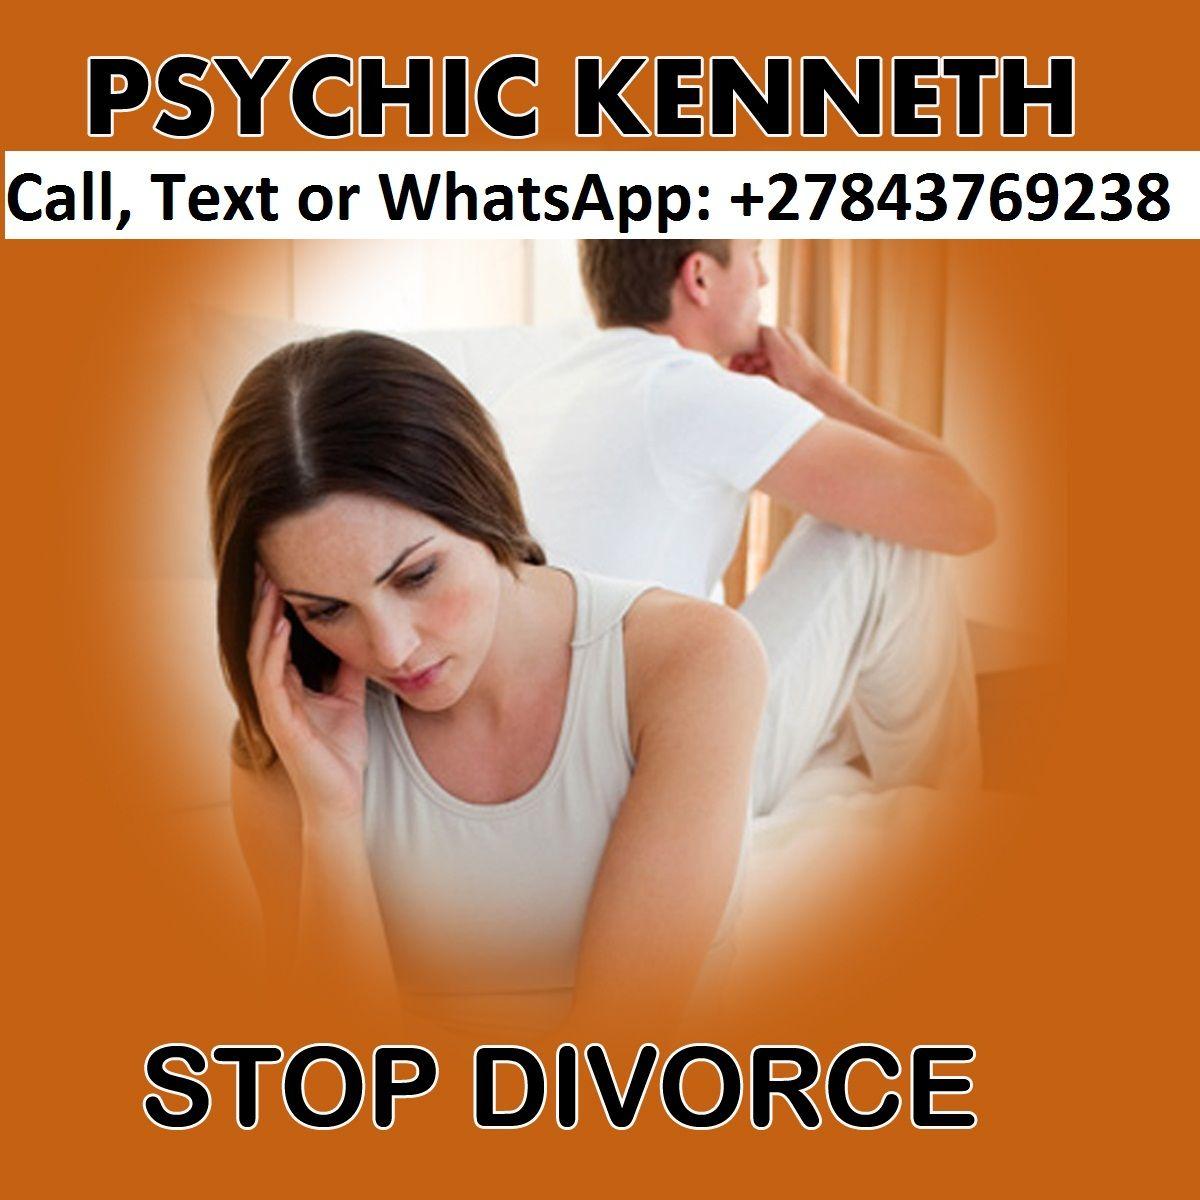 Spiritualist Psychic Call / WhatsApp +27843769238 Email